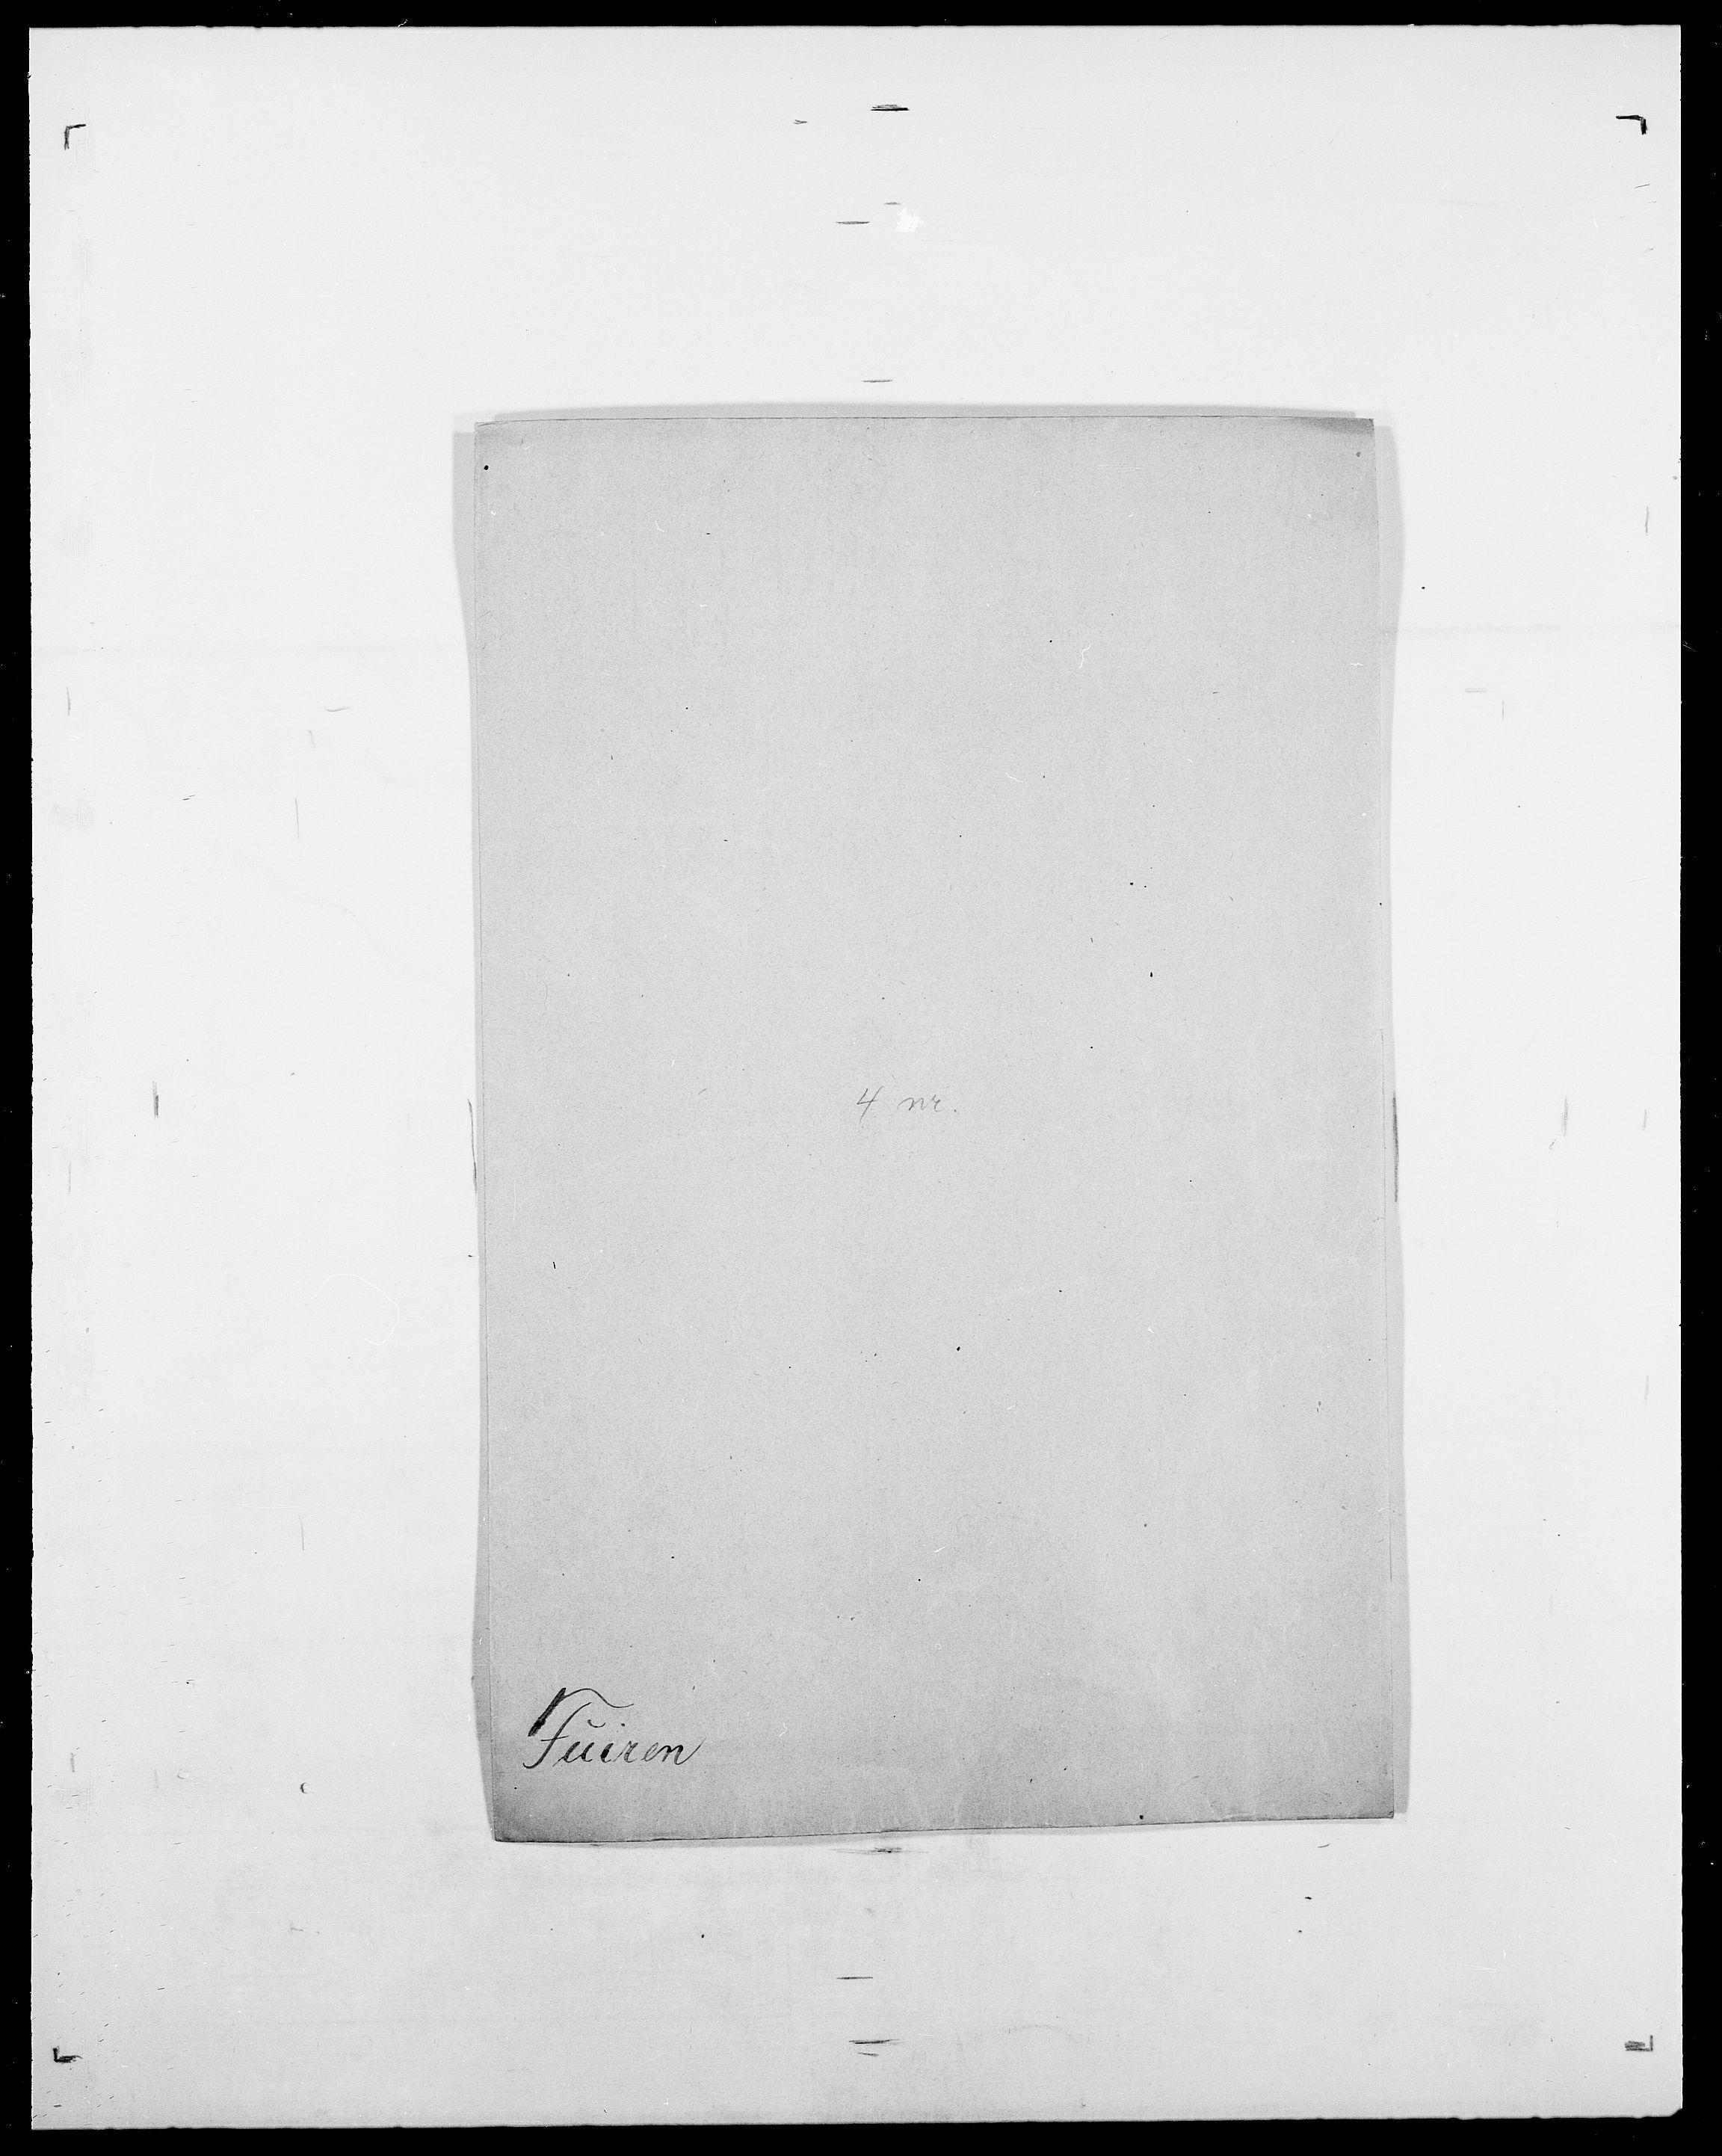 SAO, Delgobe, Charles Antoine - samling, D/Da/L0013: Forbos - Geving, s. 191